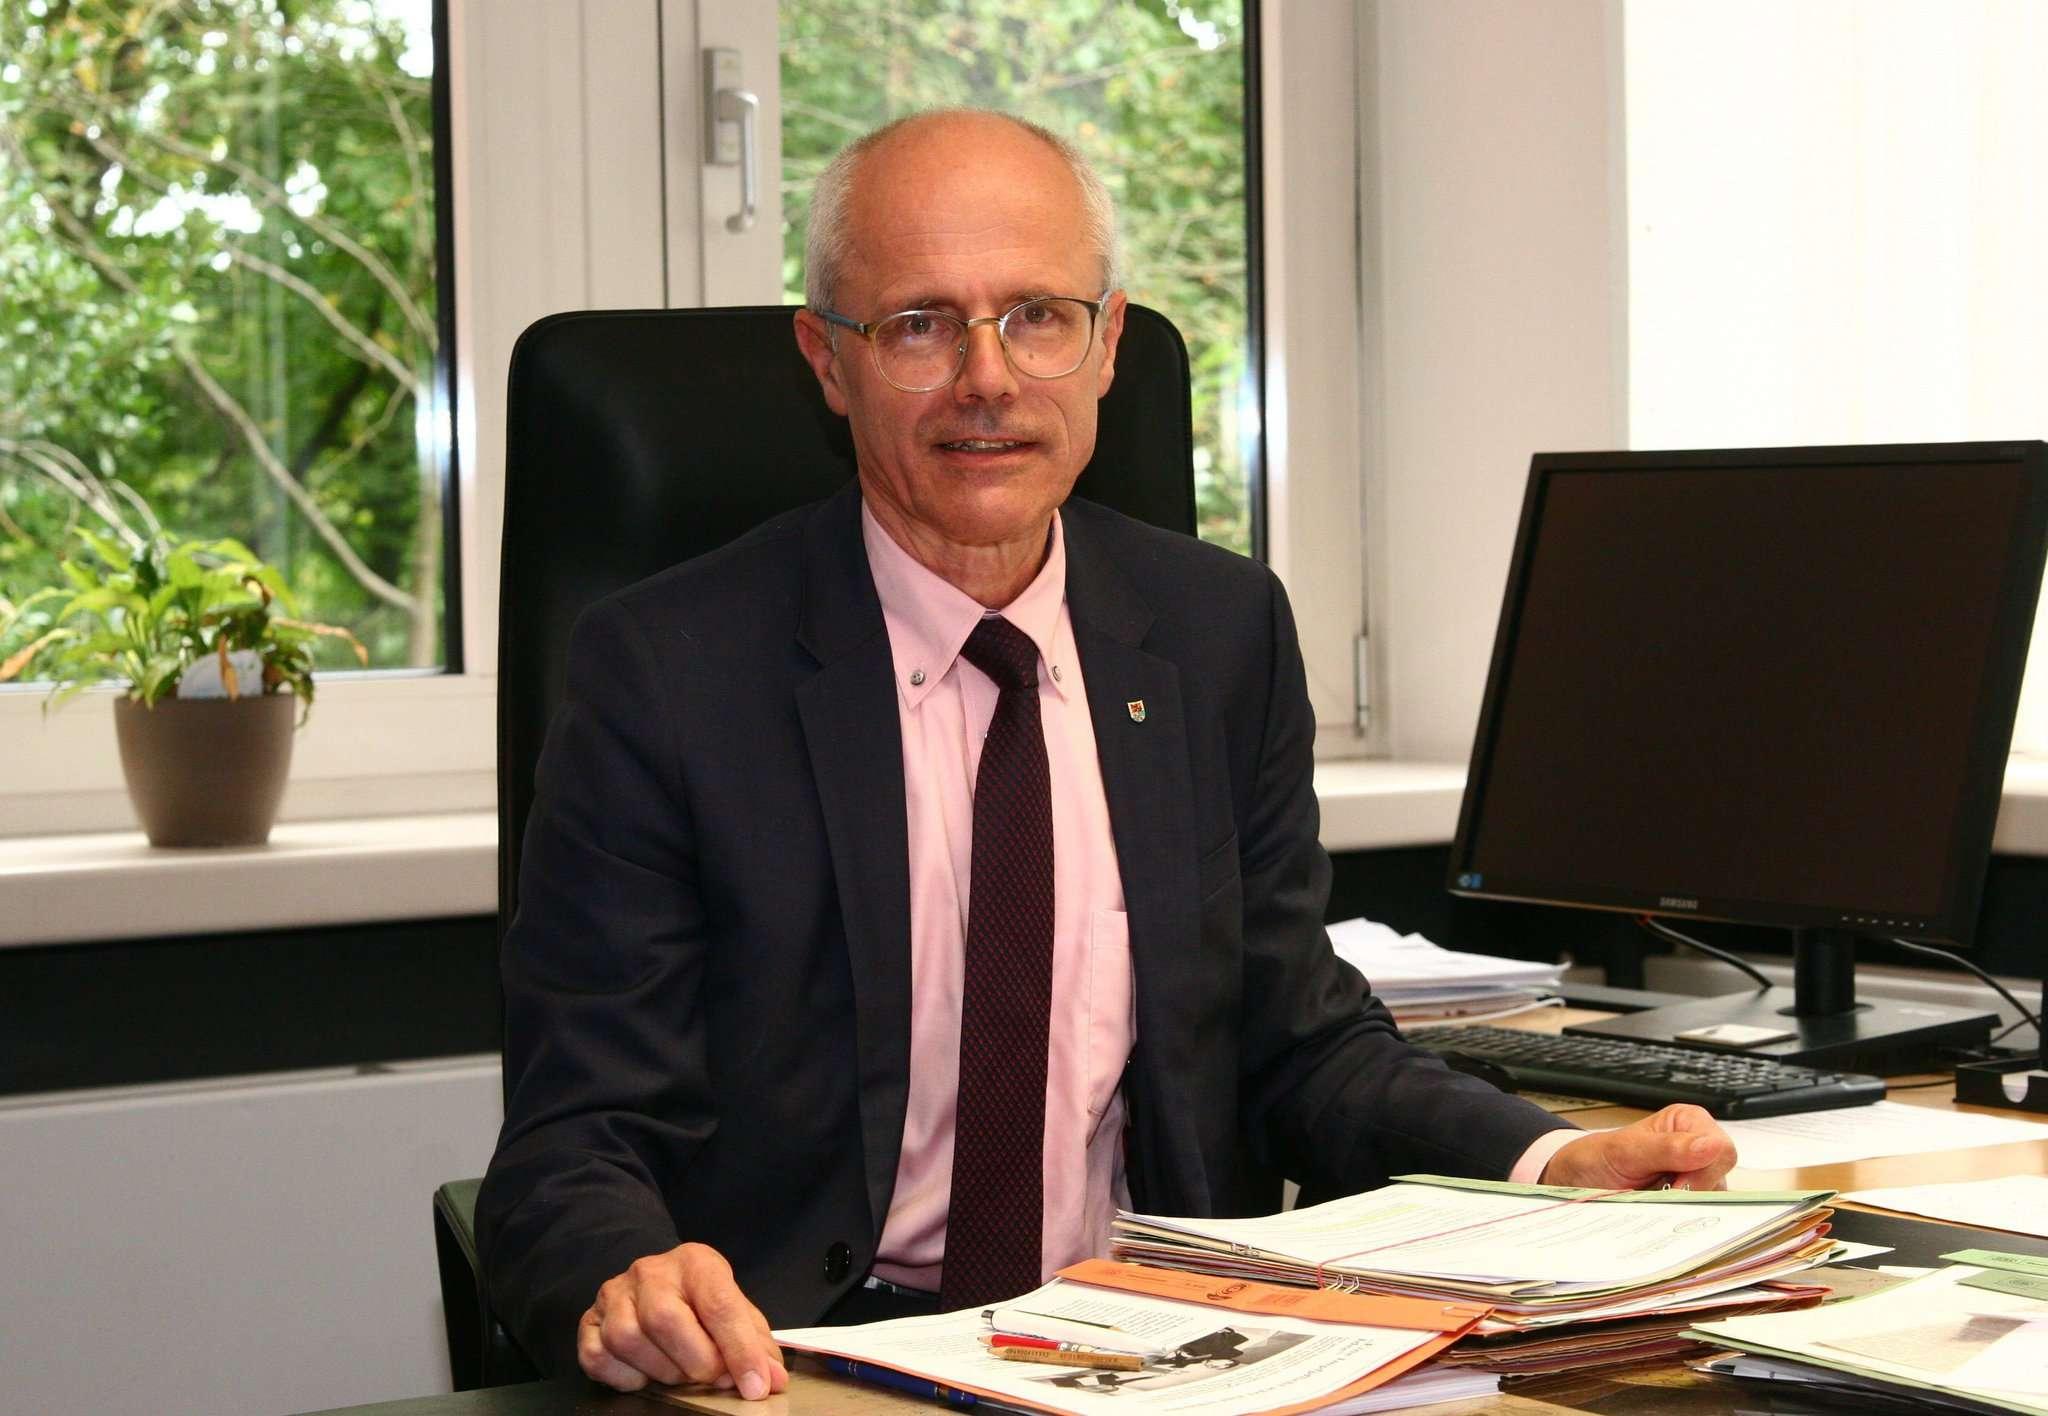 Das Büro im Kreishaus wird Hermann Luttmann für seinen Nachfolger Marco Prietz noch freiräumen. In gut einem Monat erfolgt die Amtsübergabe. Foto: Krüger